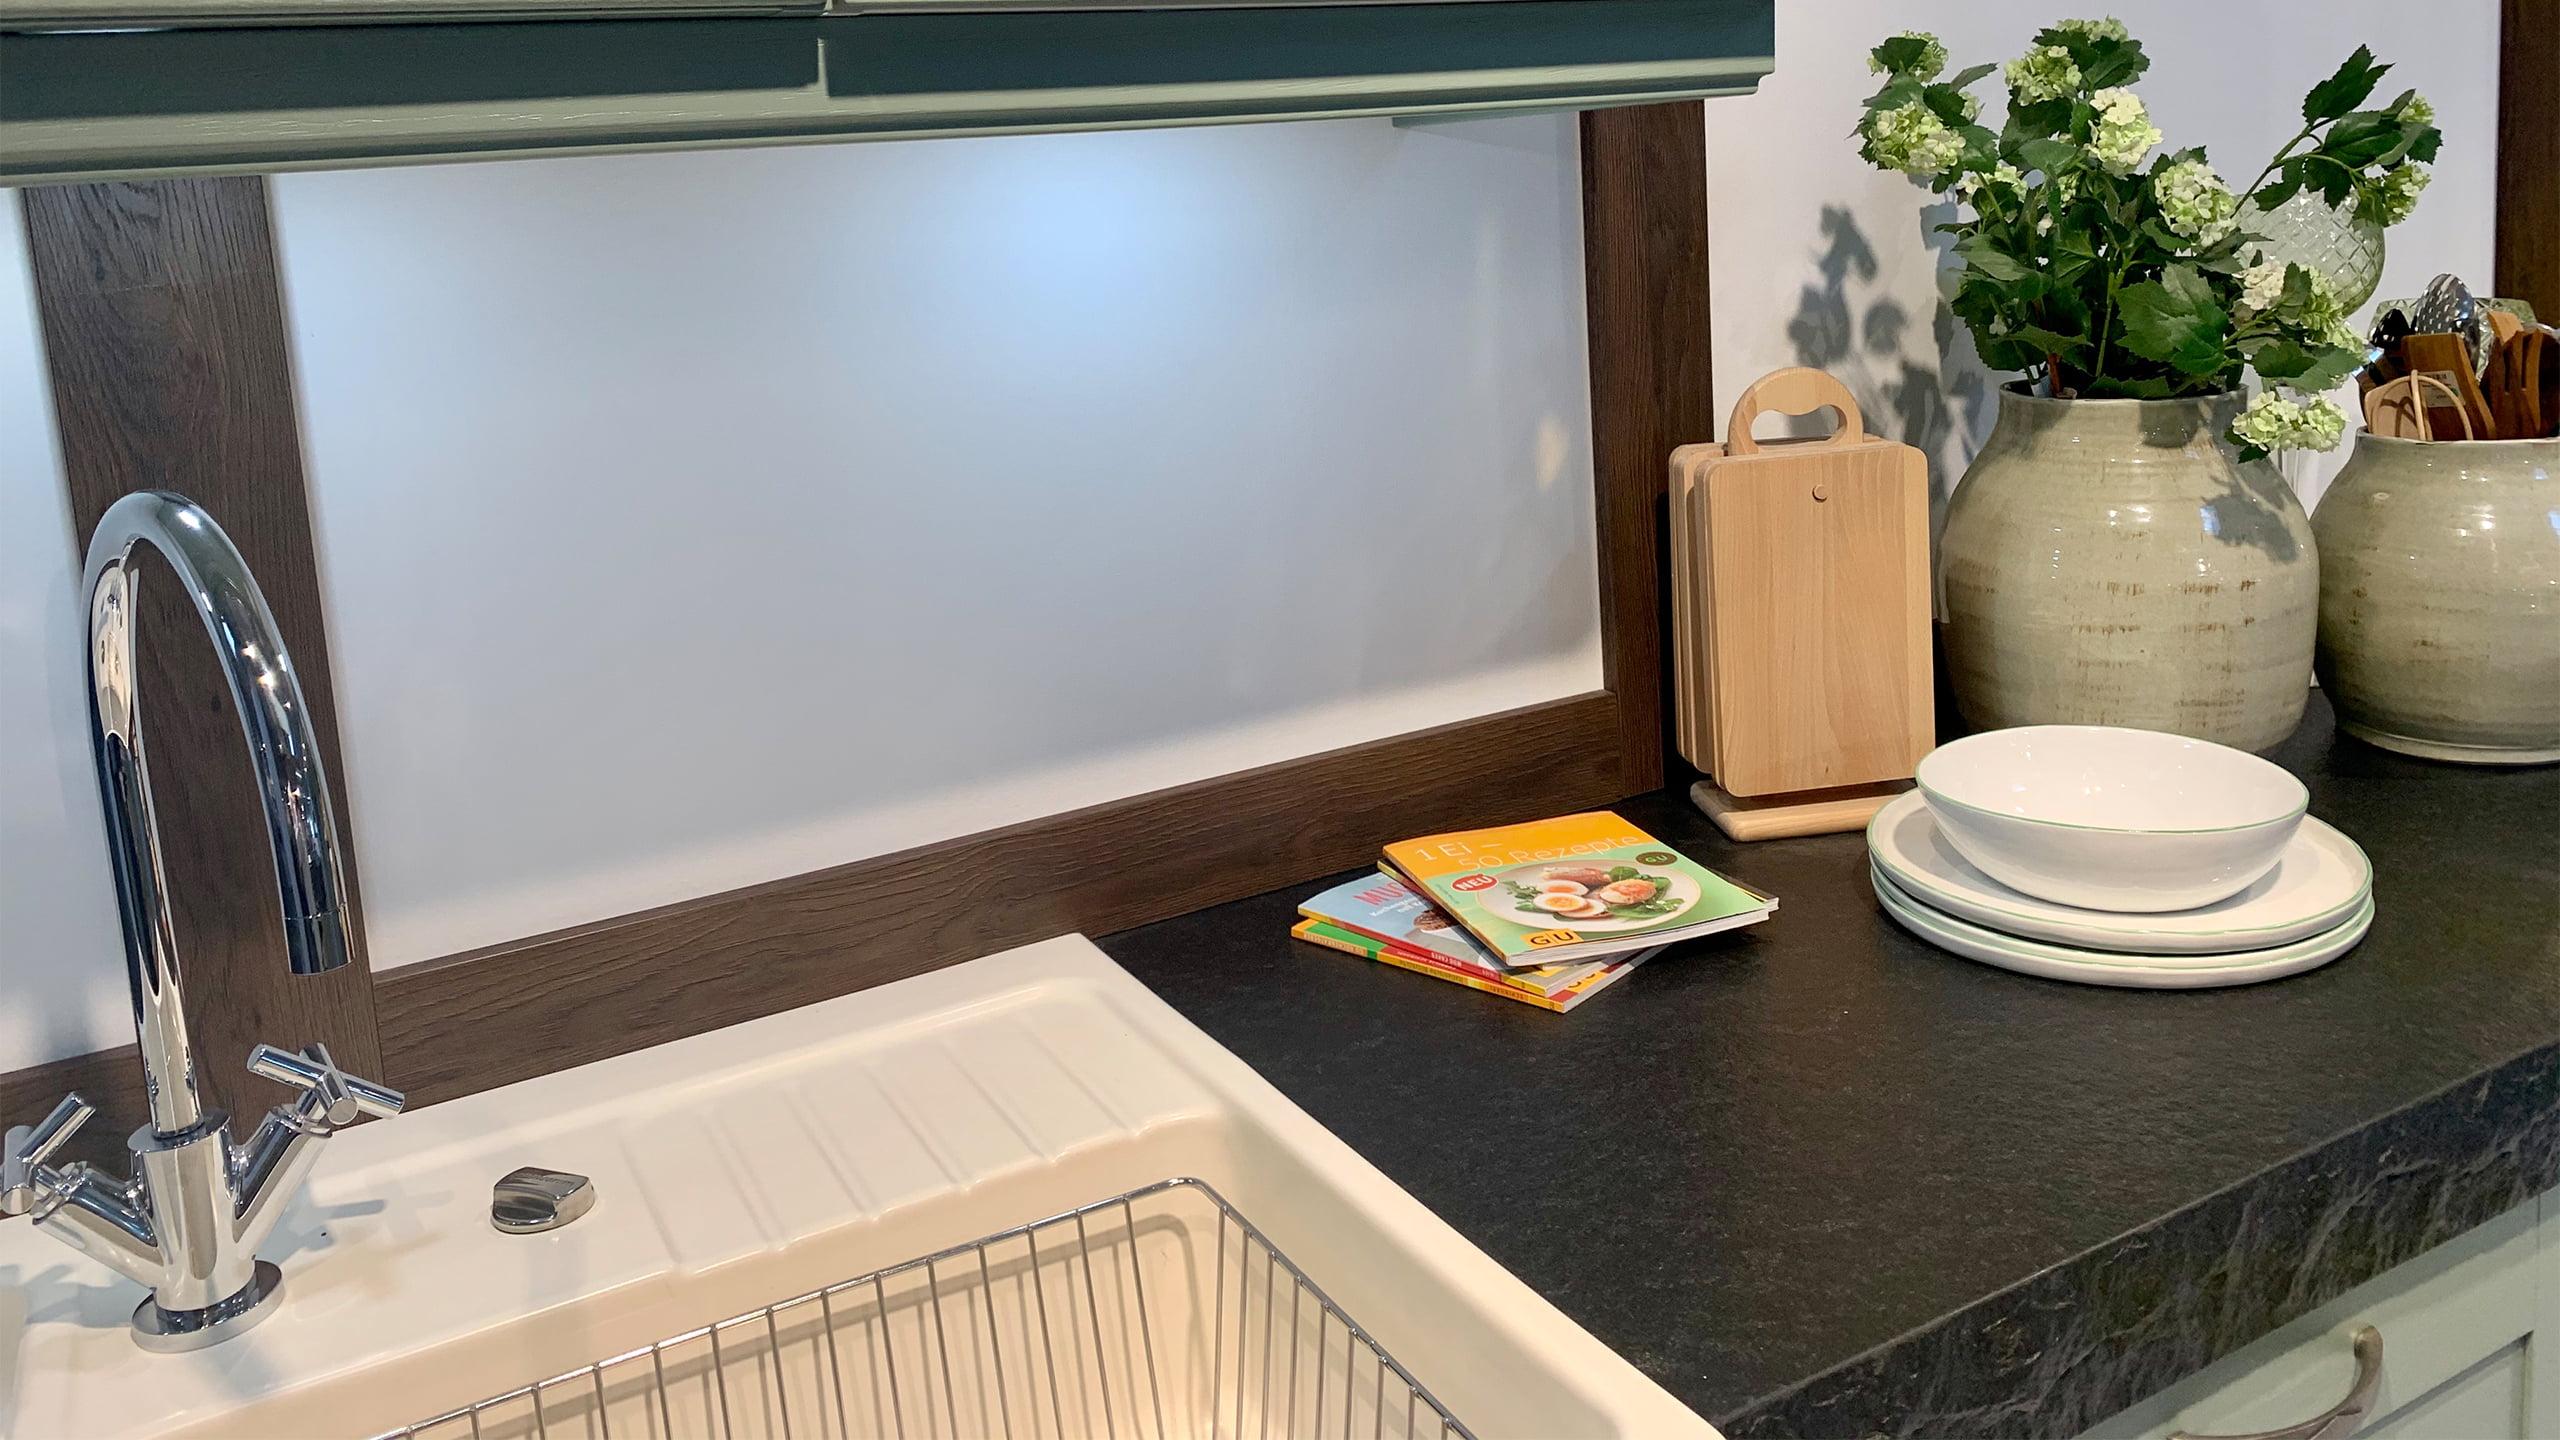 Full Size of Kochinsel Carolin In Salbeigrn 159 Kchen Staude Amerikanische Küche Kaufen Selber Planen Schneidemaschine Weiße Einbauküche Gebraucht Mit Tresen Blende Wohnzimmer Küche Salbeigrün